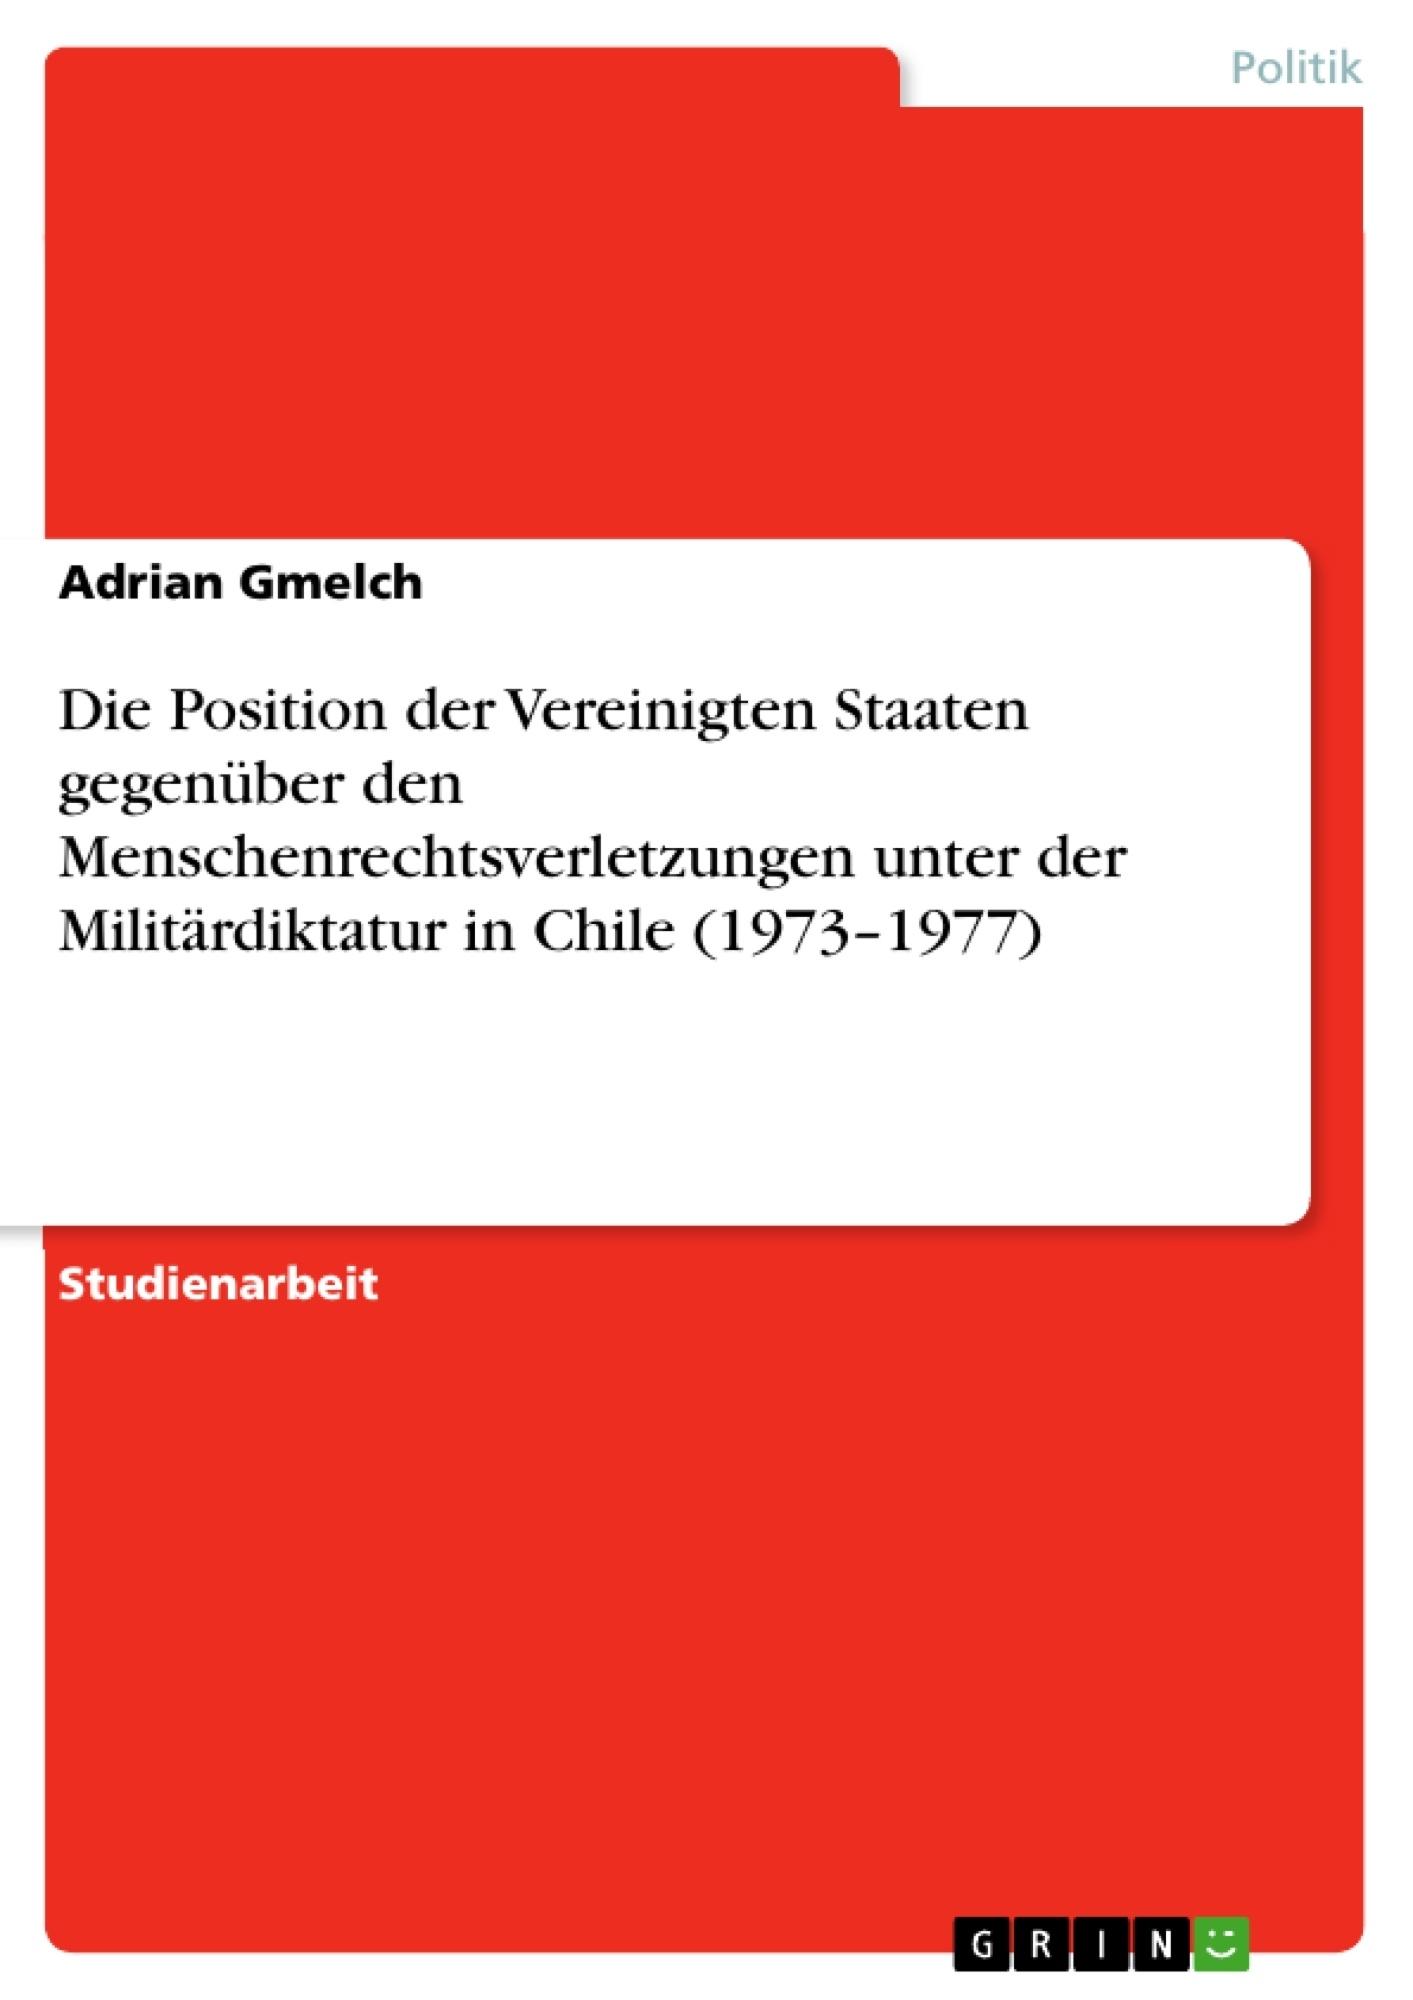 Titel: Die Position der Vereinigten Staaten gegenüber den Menschenrechtsverletzungen unter der Militärdiktatur in Chile (1973–1977)